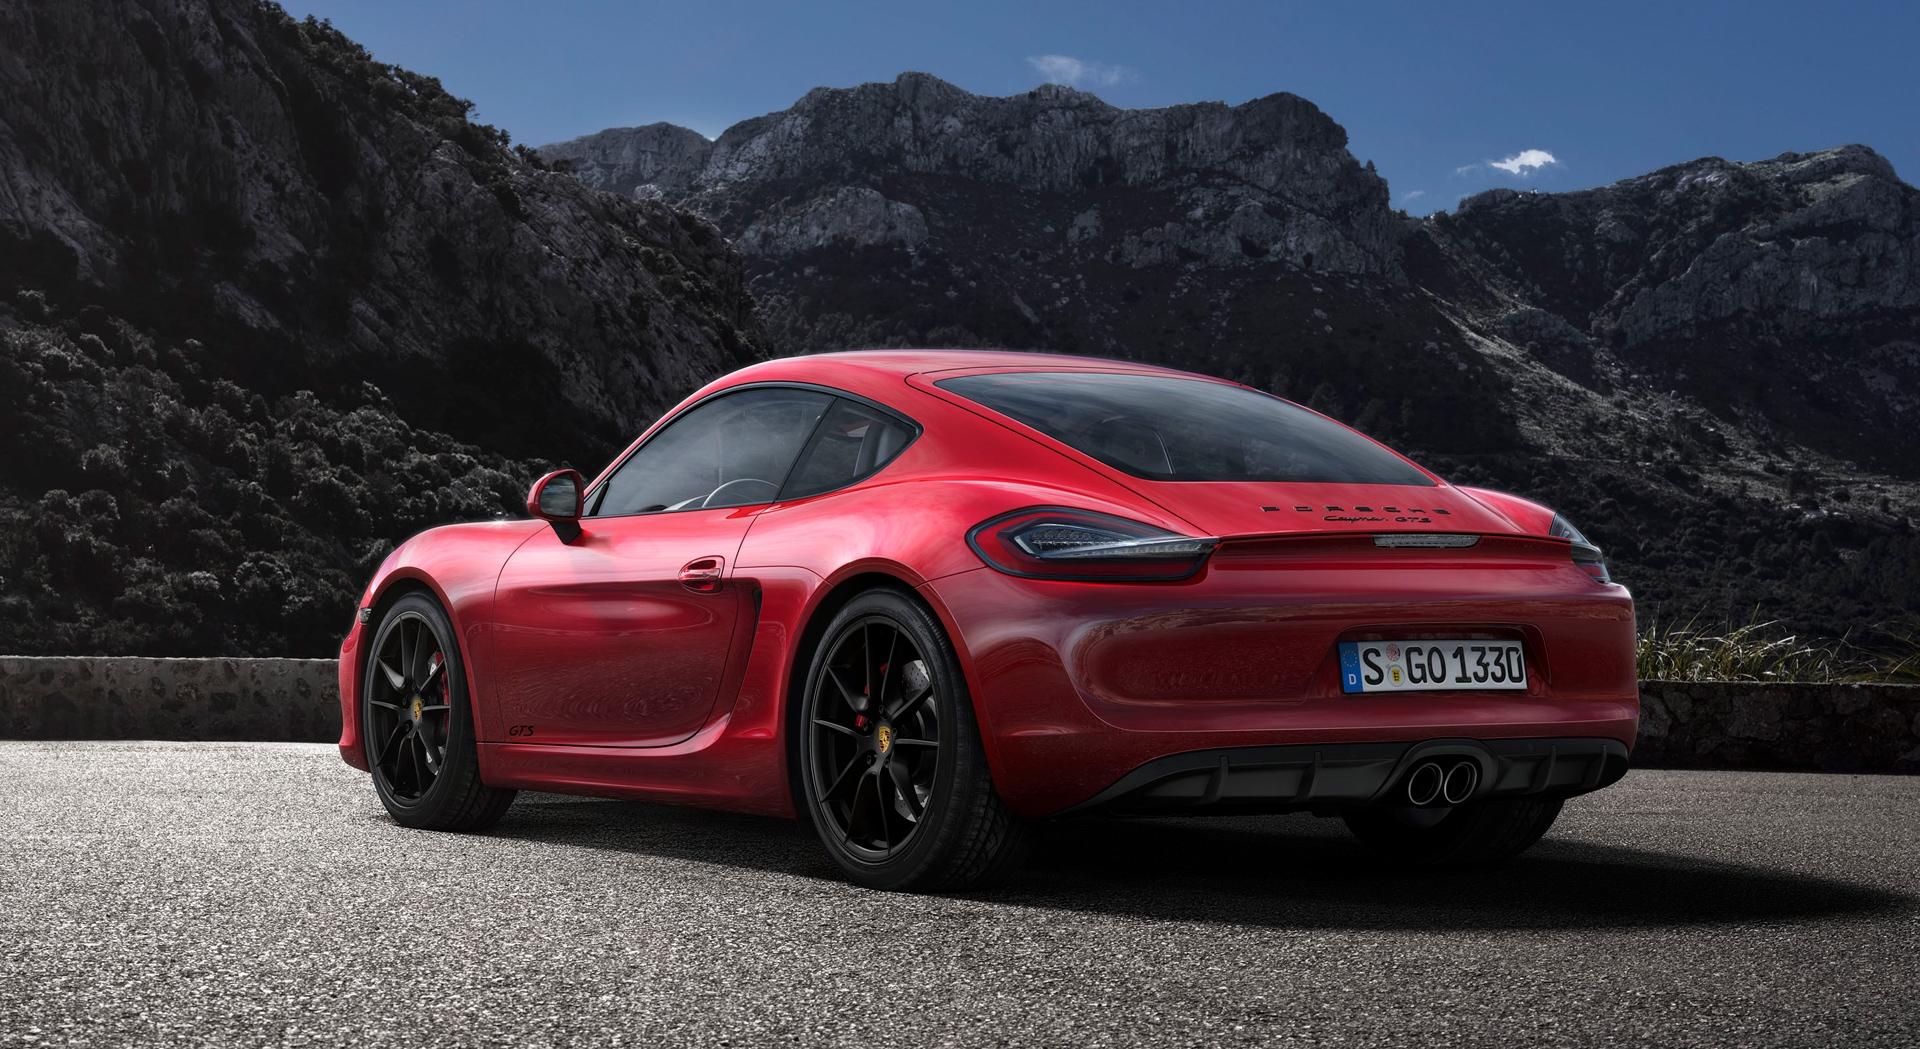 Porsche Boxster Wallpaper Hd Porsche Cayman Gts Red Hd Hd Desktop Wallpapers 4k Hd